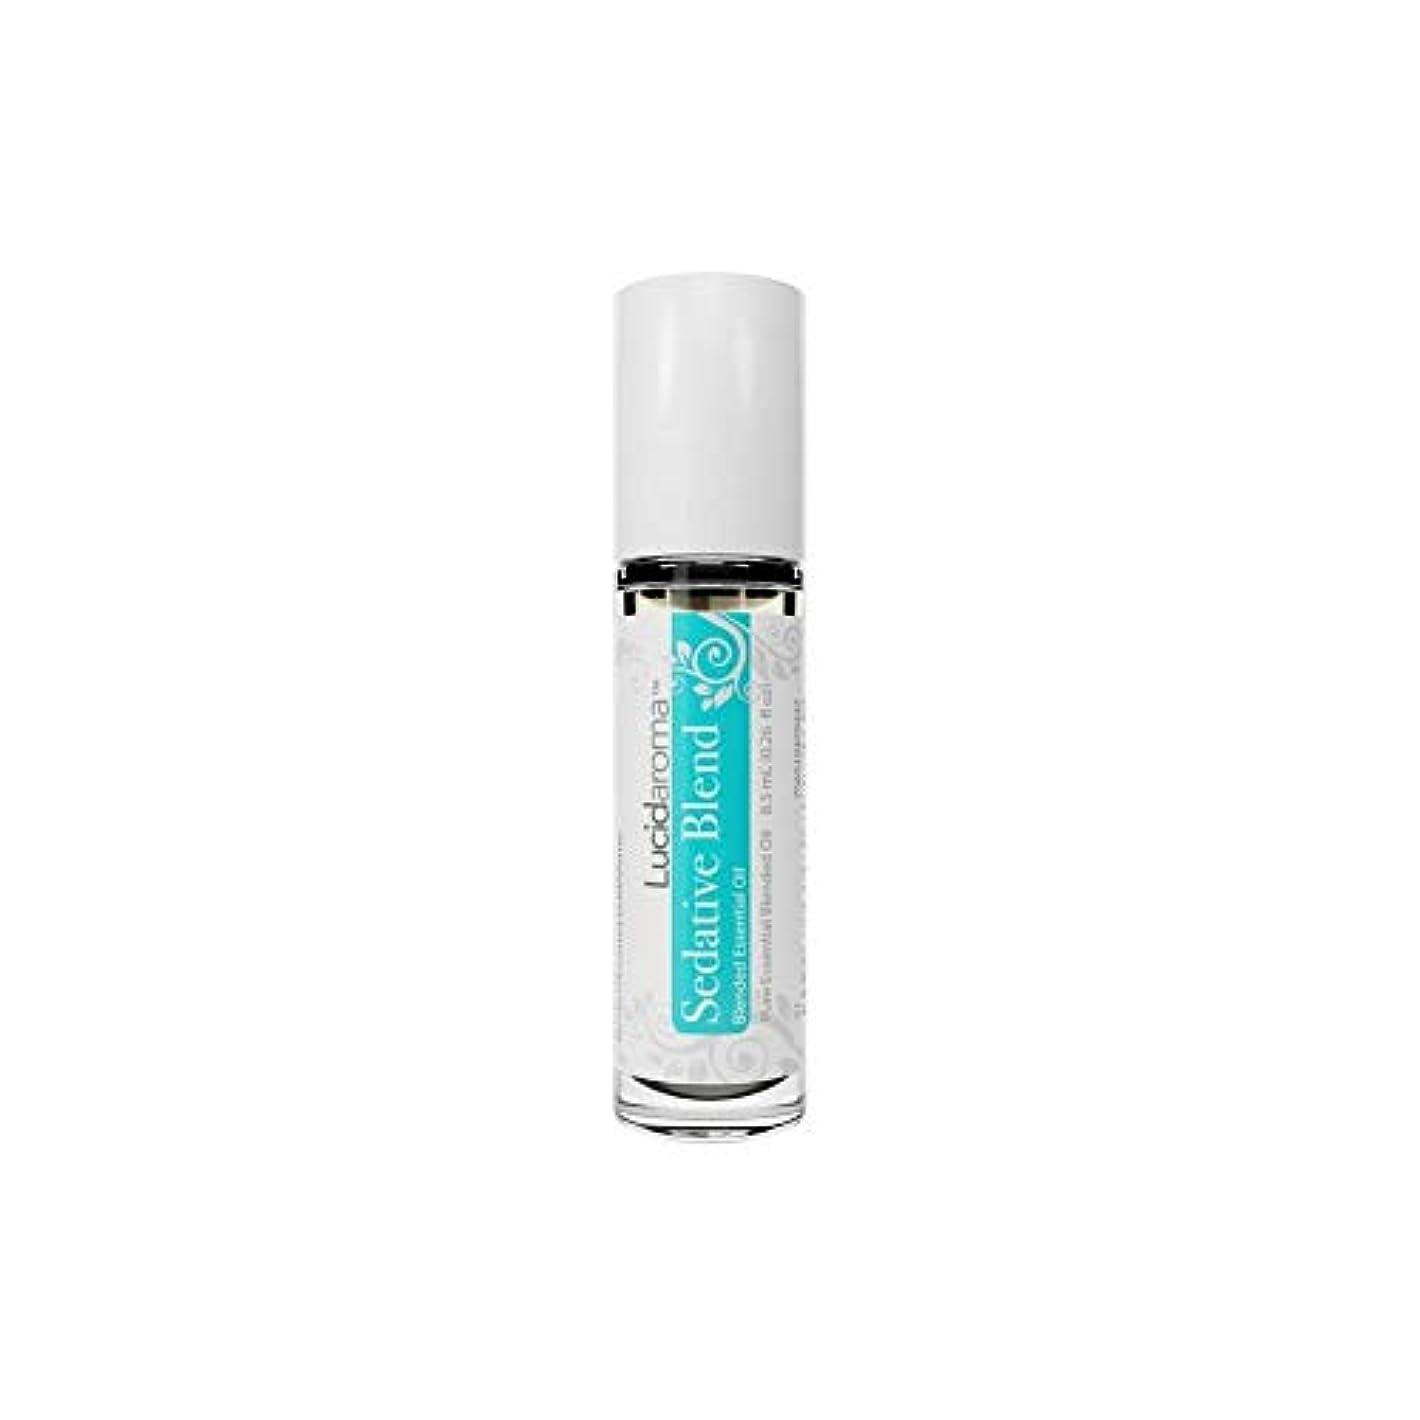 魅力的であることへのアピール険しいペネロペLucid Aroma Sedative Blend セダティヴ ブレンド ロールオン アロマオイル 8.5mL (塗るアロマ) 100%天然 携帯便利 ピュア エッセンシャル アメリカ製